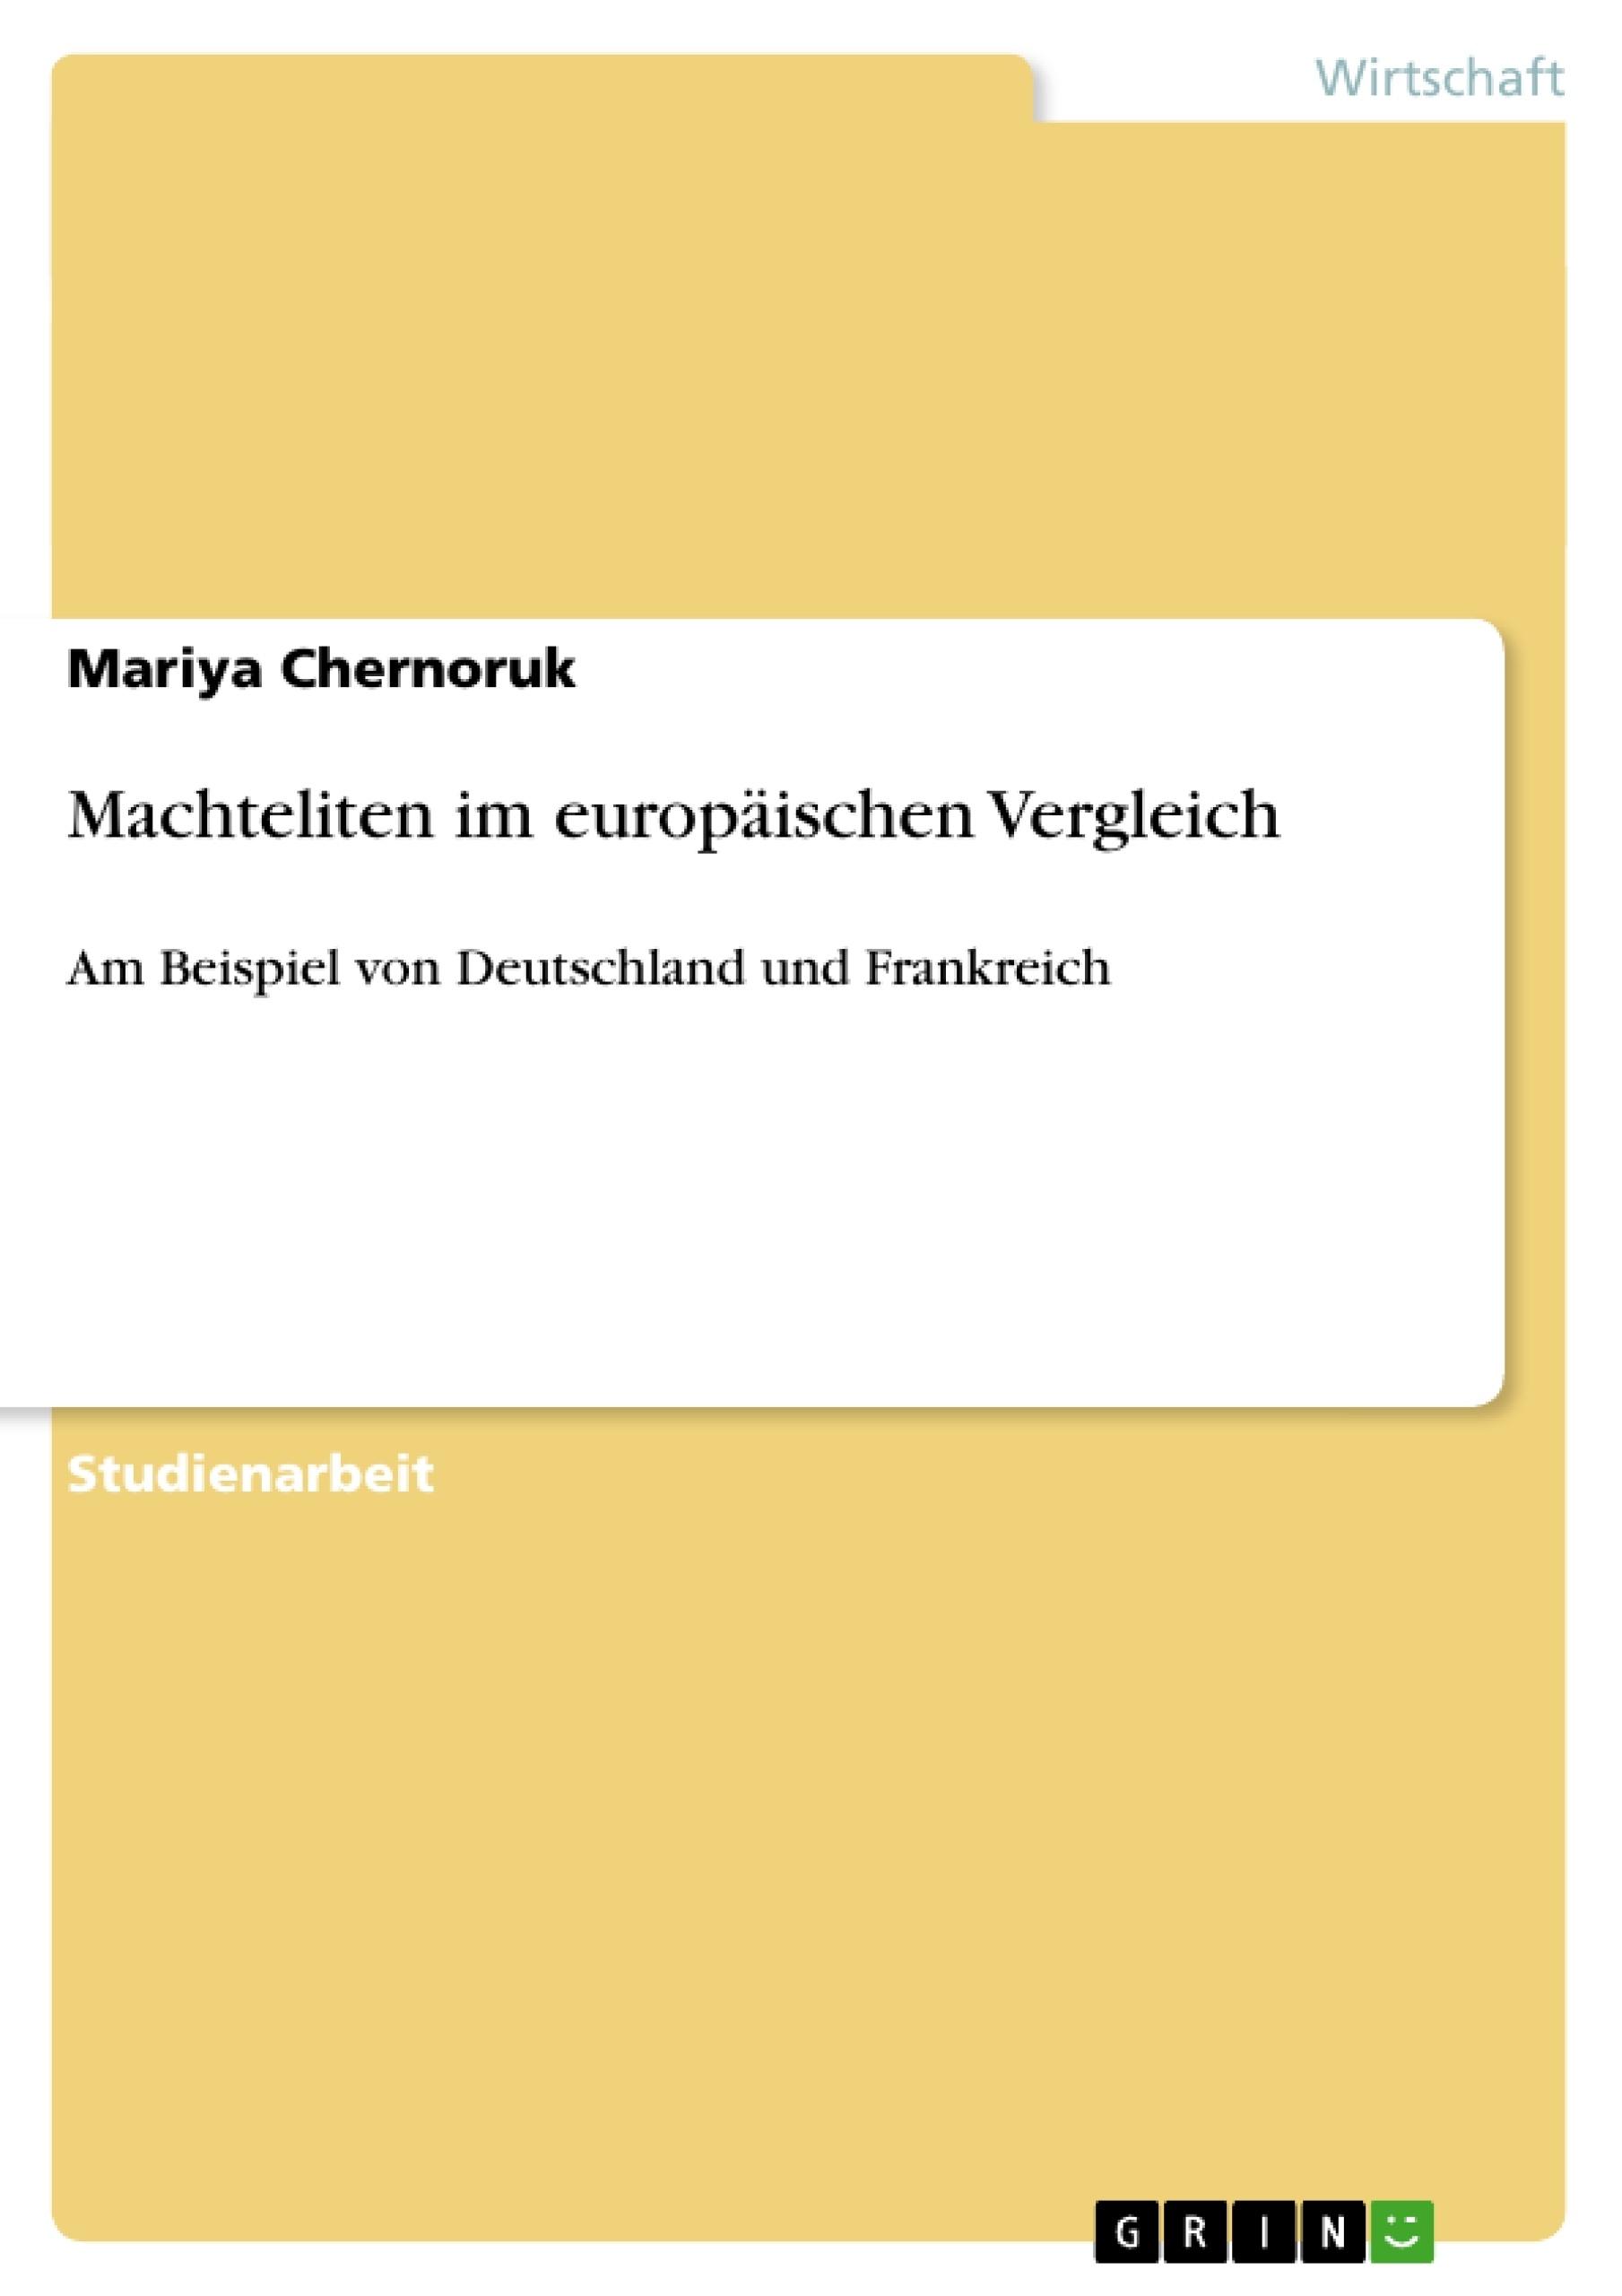 Titel: Machteliten im europäischen Vergleich